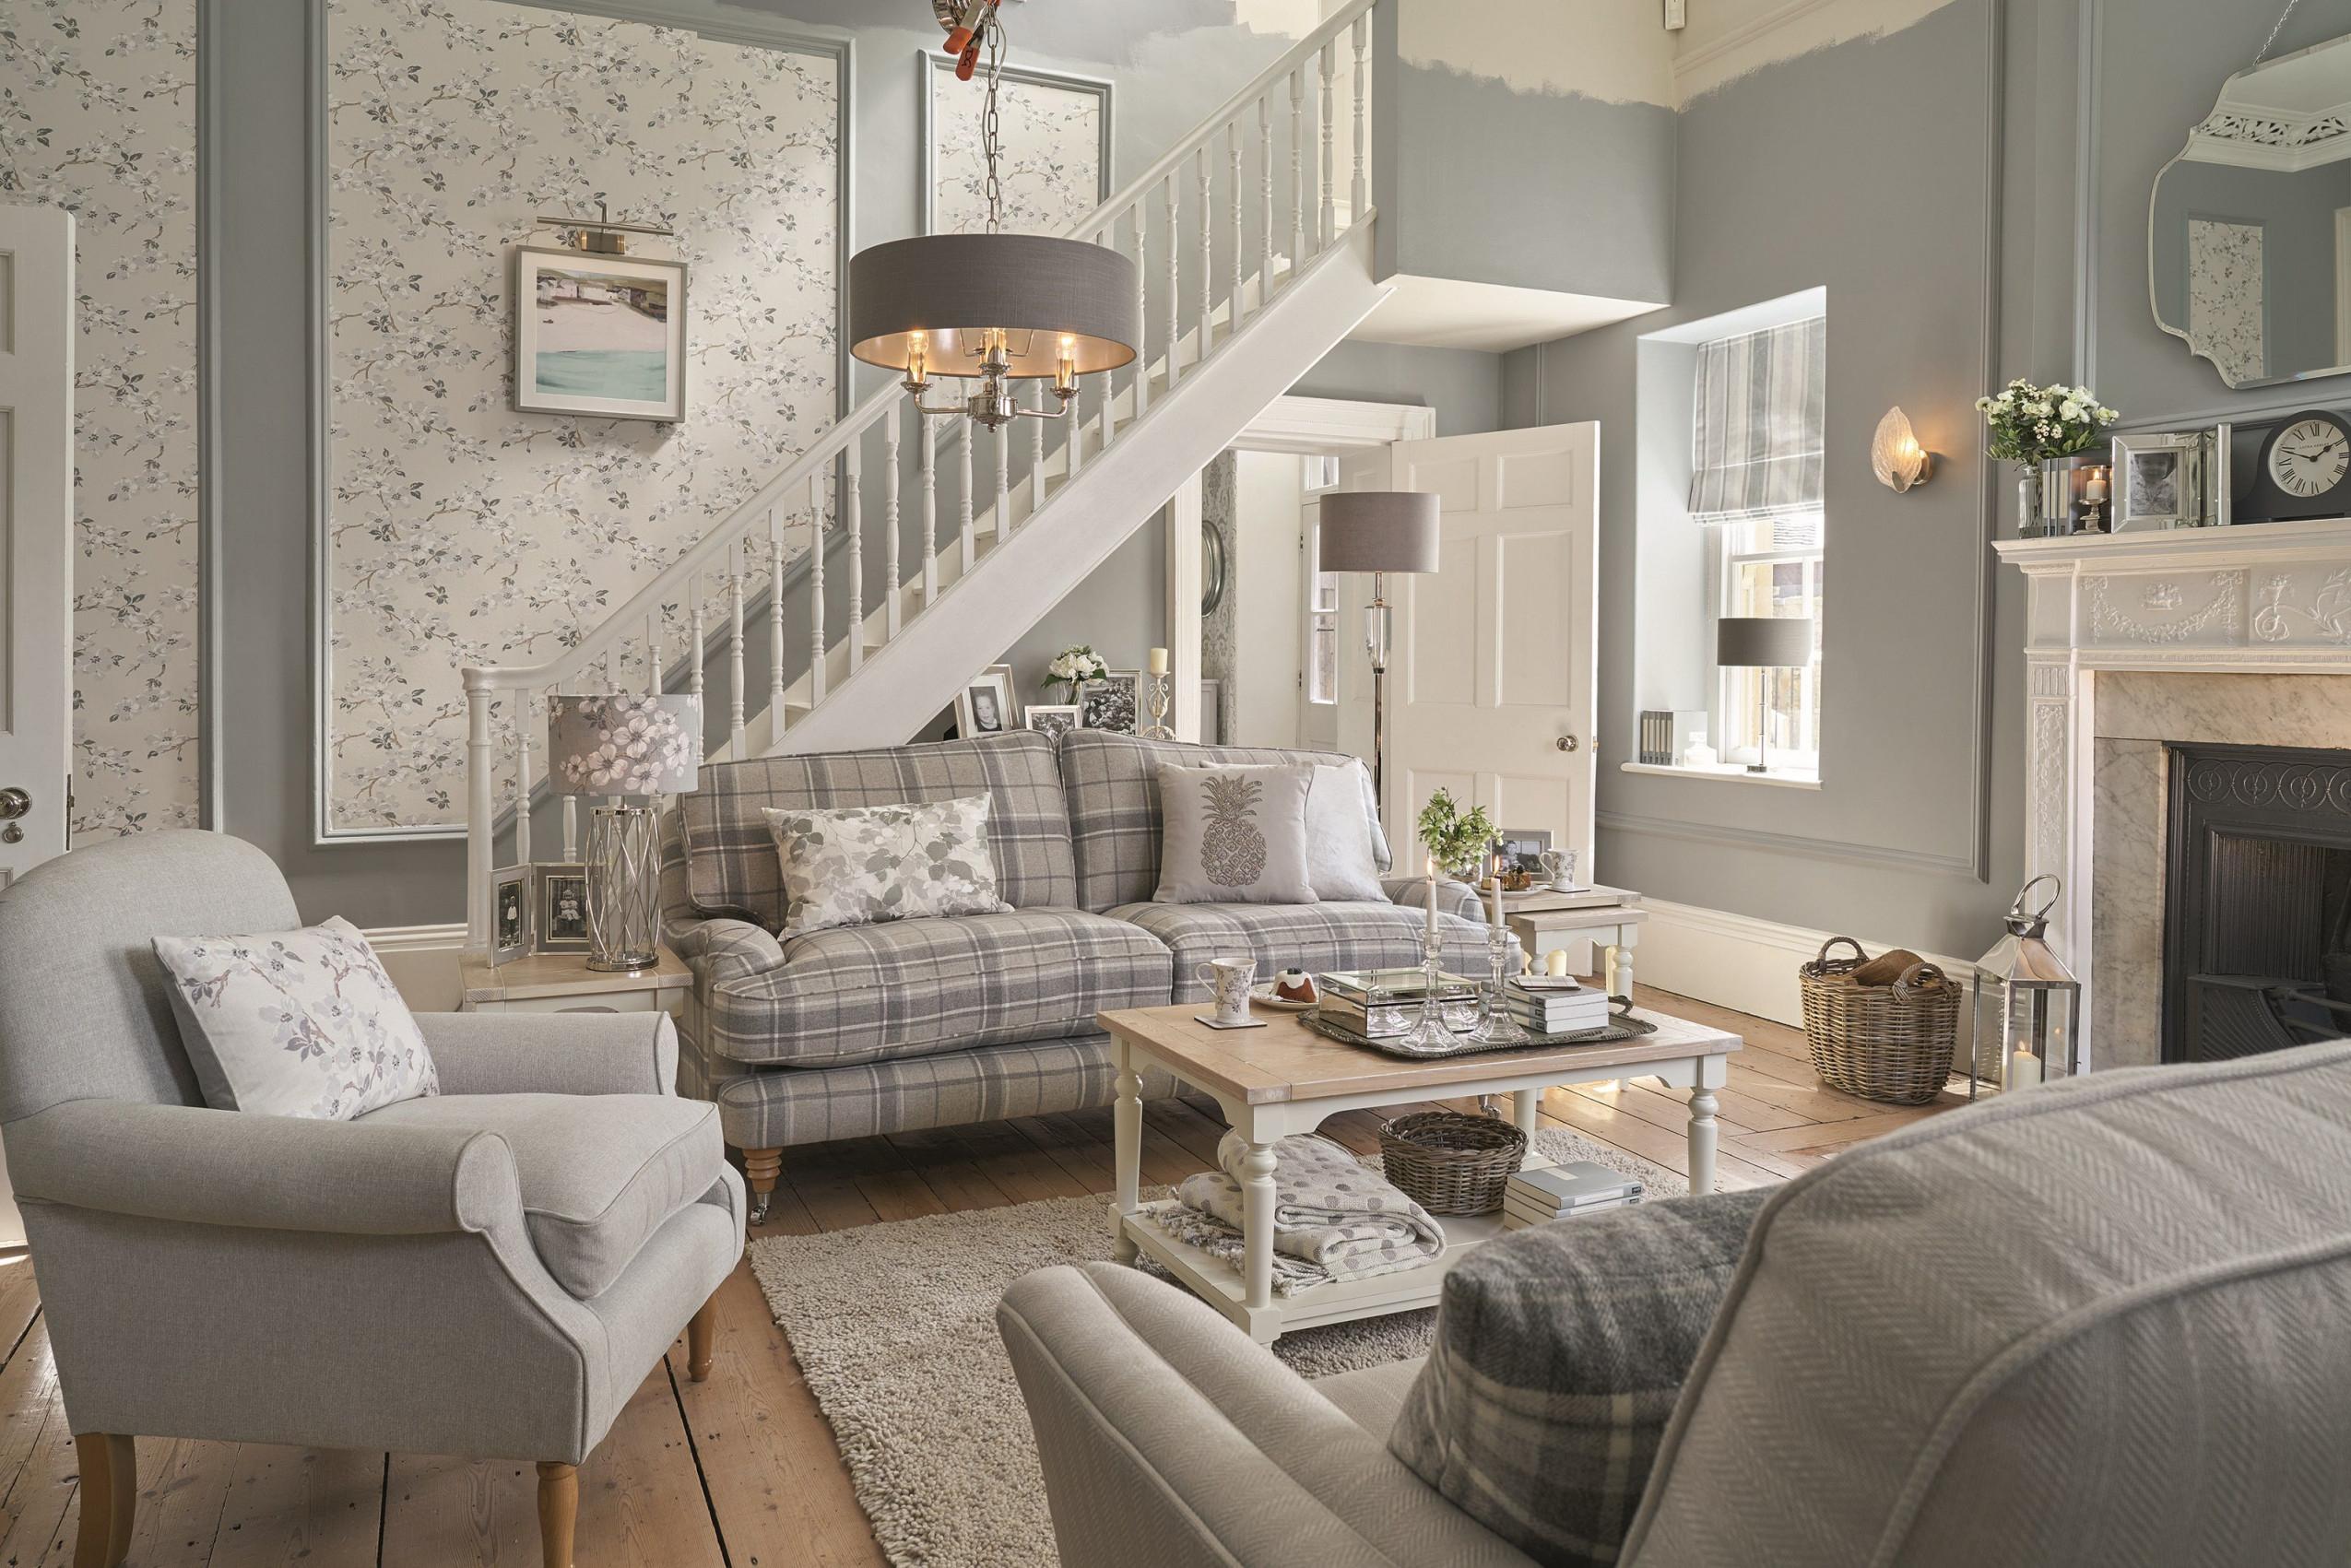 Landhausstil Ideen Für Jedes Zimmer  Das Haus  Landhaus von Bilder Landhausstil Wohnzimmer Bild